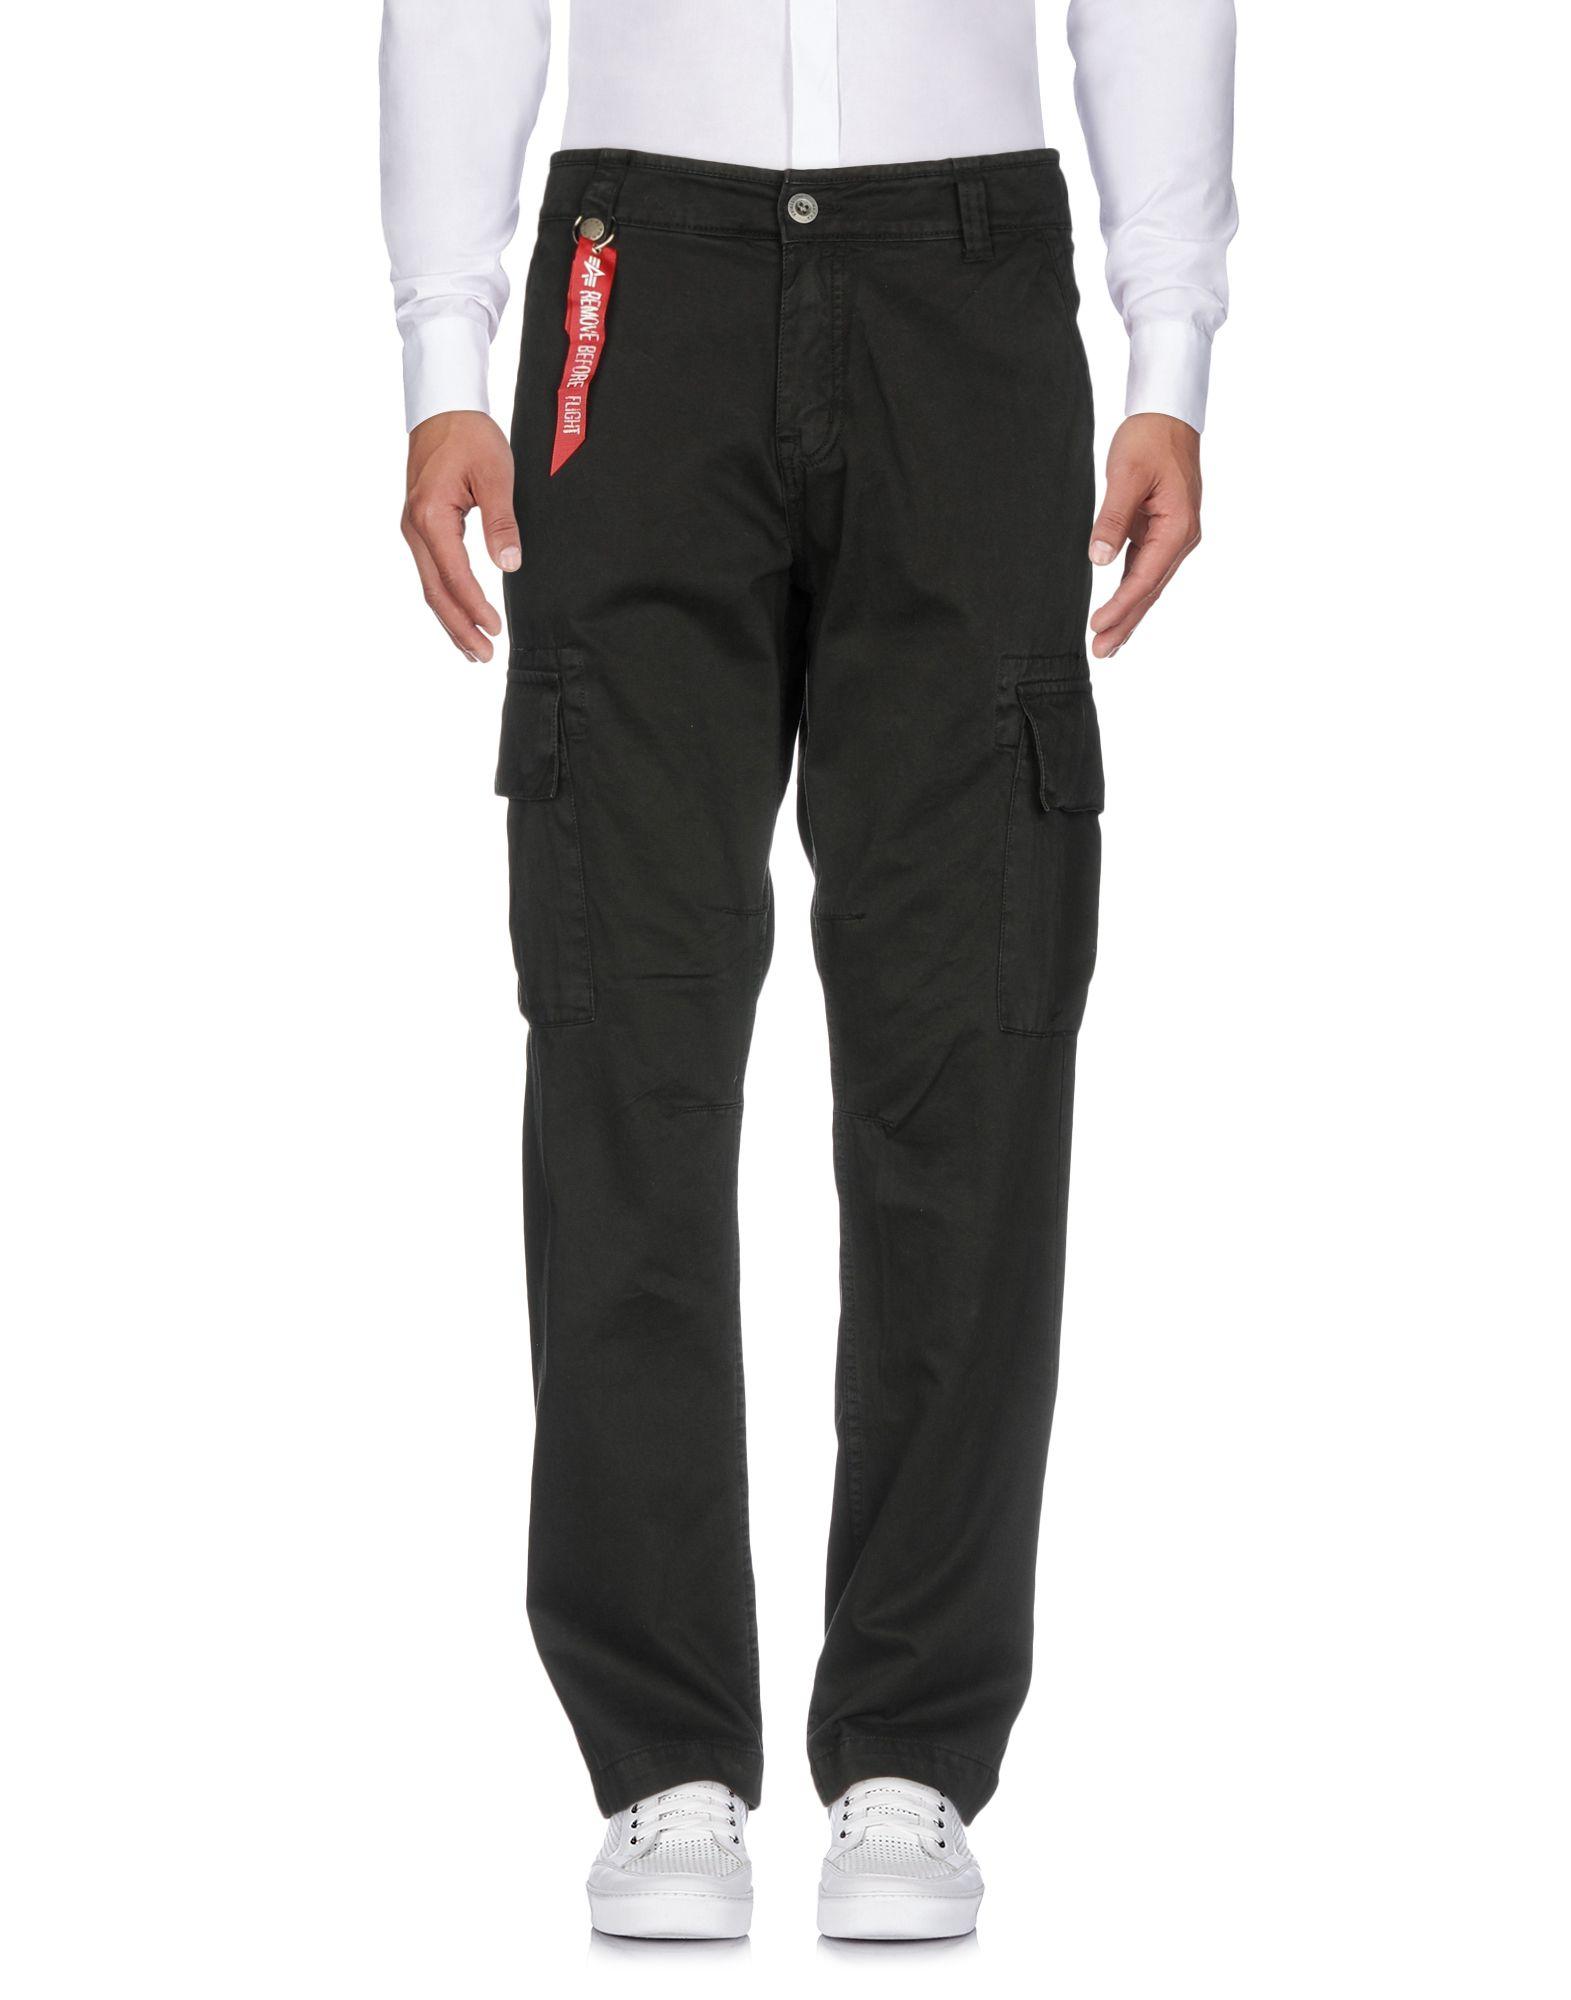 ALPHA INDUSTRIES INC. Повседневные брюки брюки карго фирмы alpha